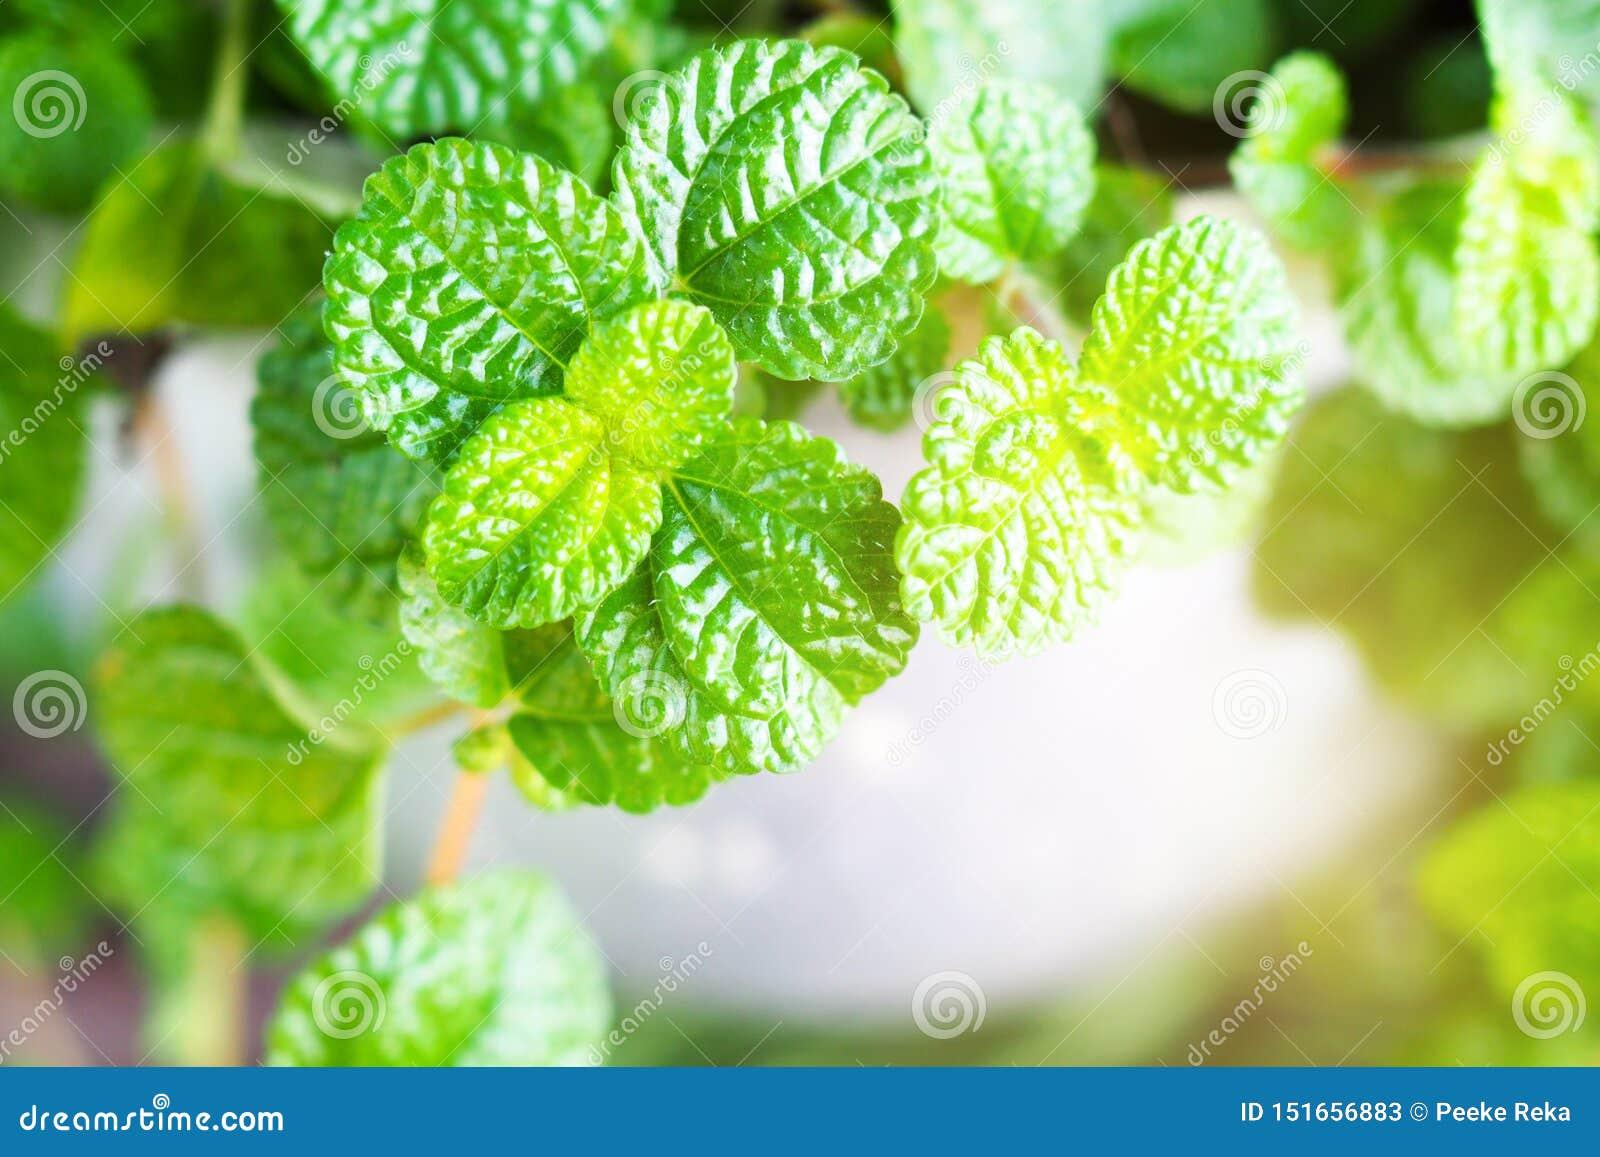 Is de pepermunt groene installatie een geneeskrachtig kruid en gebruikt om voedsel te koken Of drank